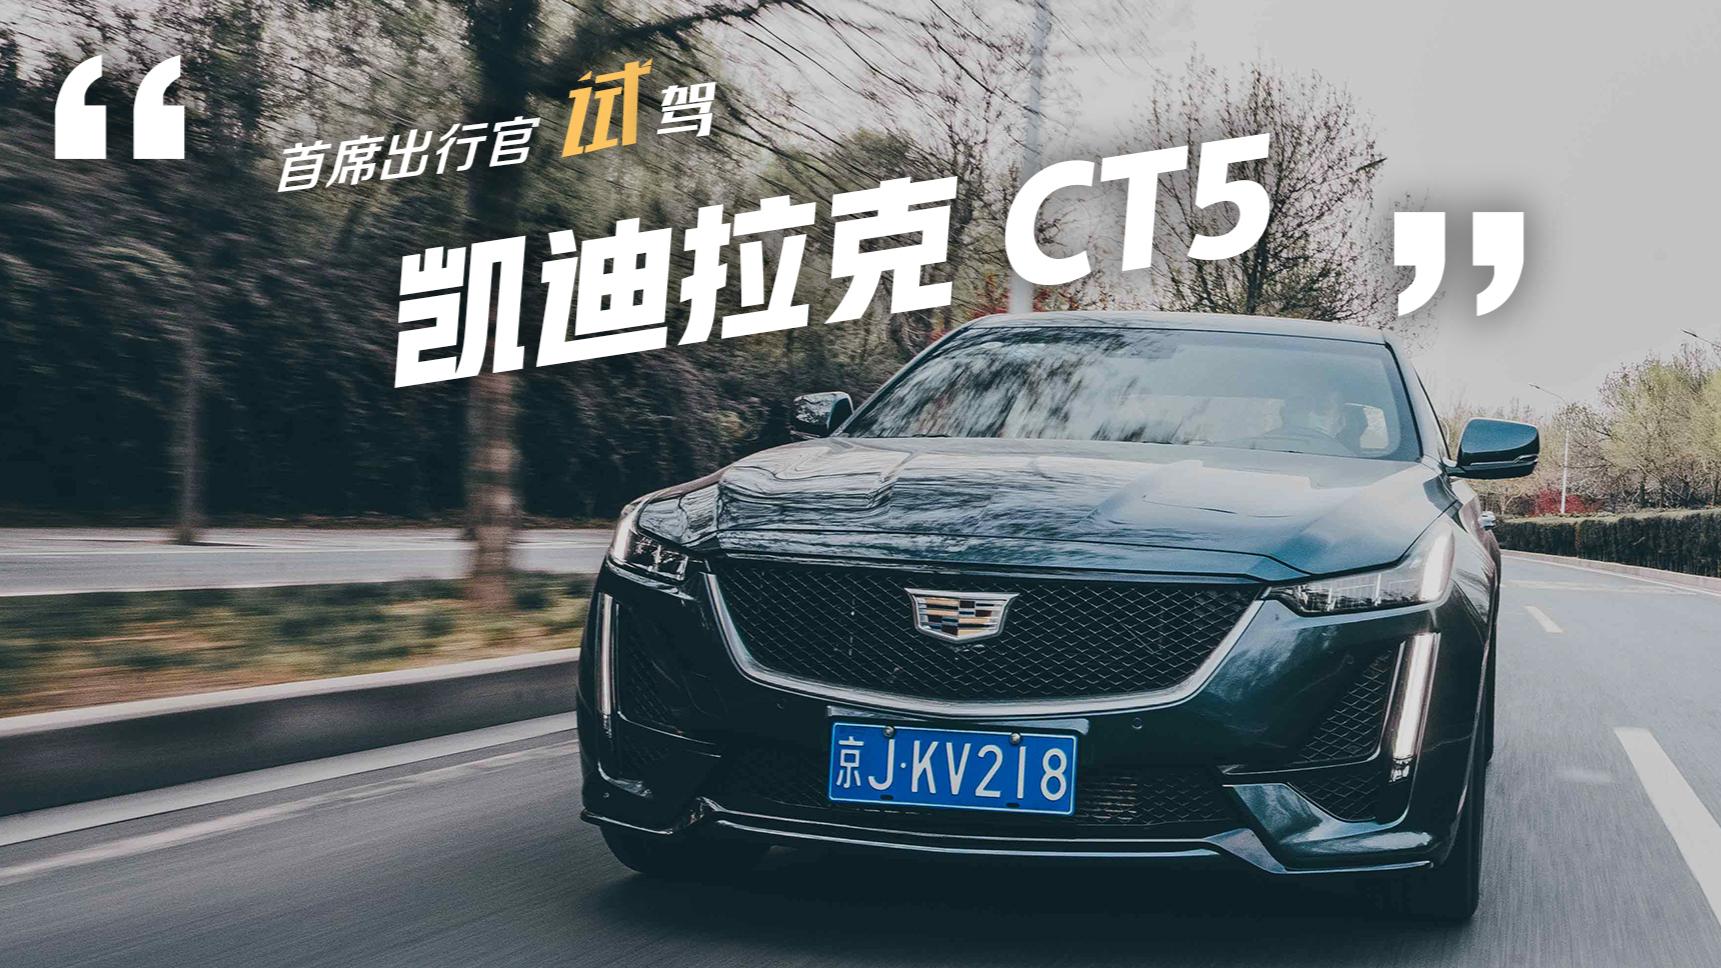 试驾|豪华B级轿车凯迪拉克CT5,表现超宝马3系和奥迪A4L?